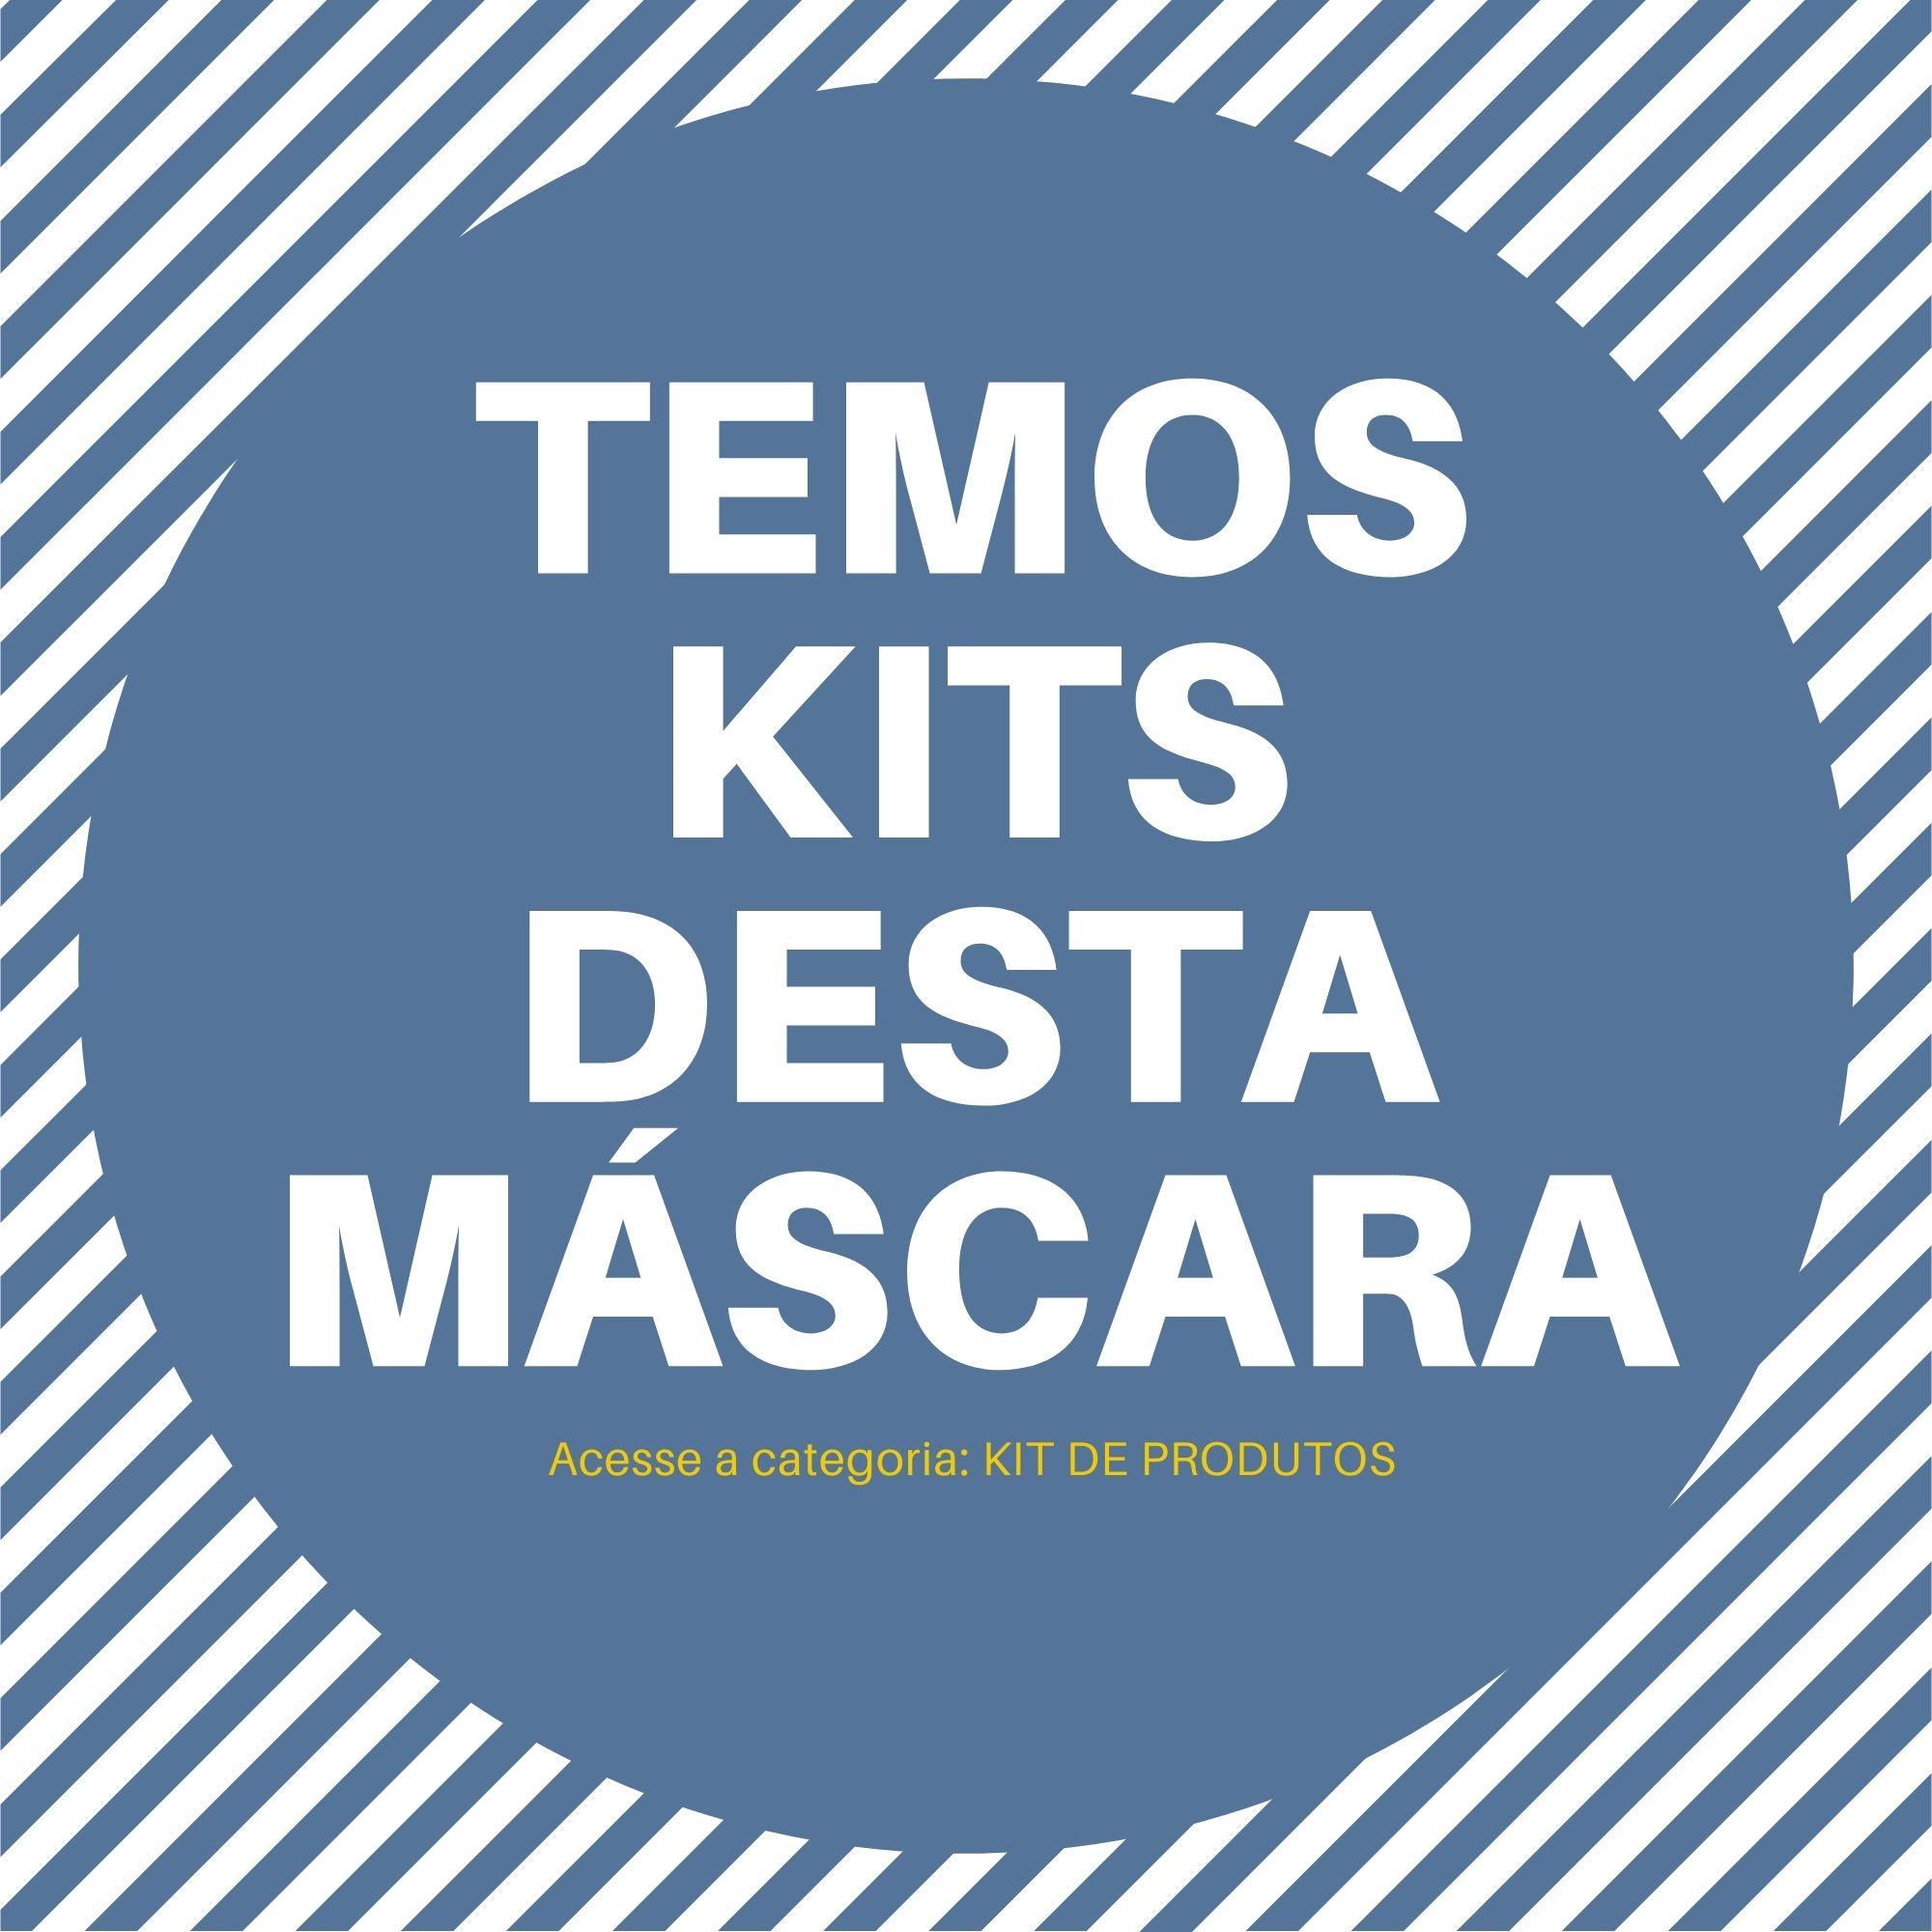 MASCARA TNT TRIPLA DESCARTAVEL REVIVE--- PACOTE 5 UN  - DE PAULA EPI